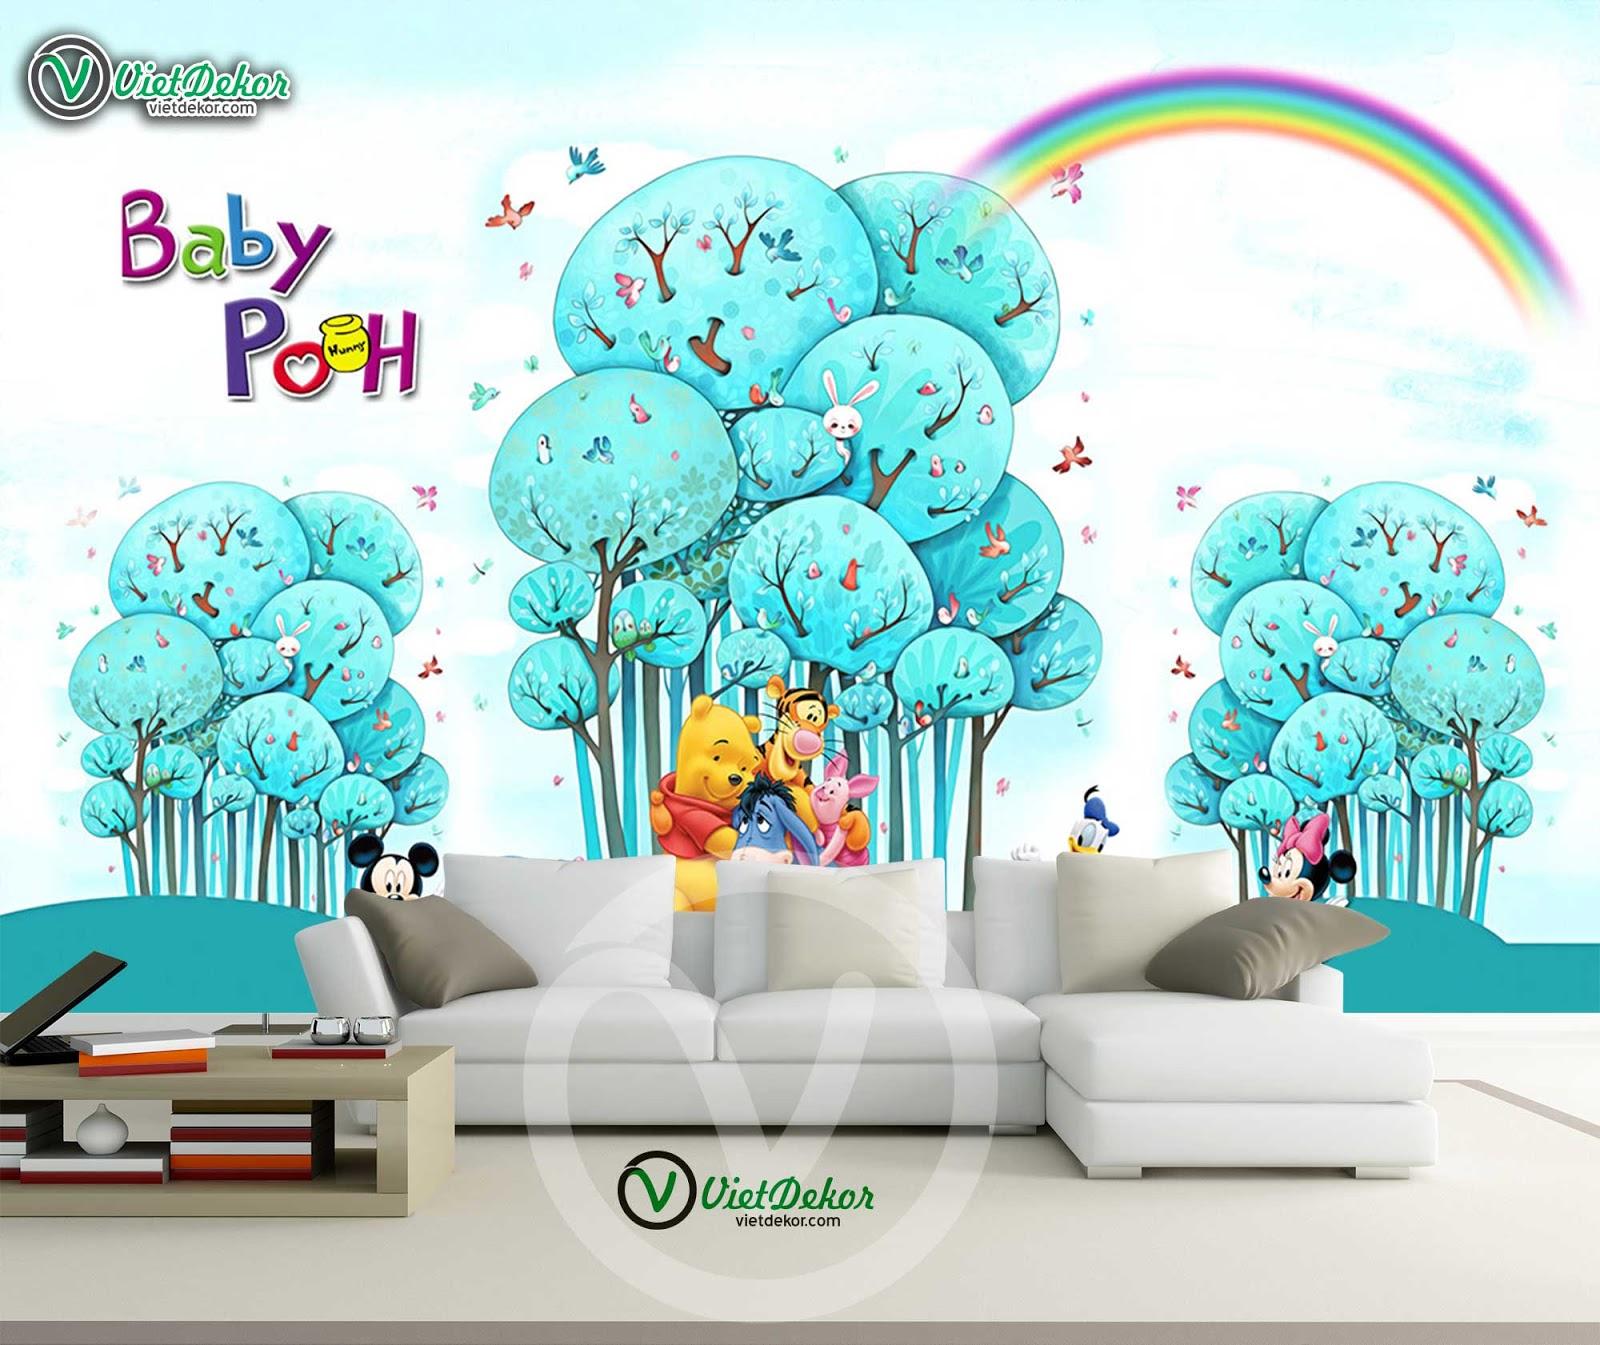 Tranh dán tường phòng ngủ cho trẻ em đẹp